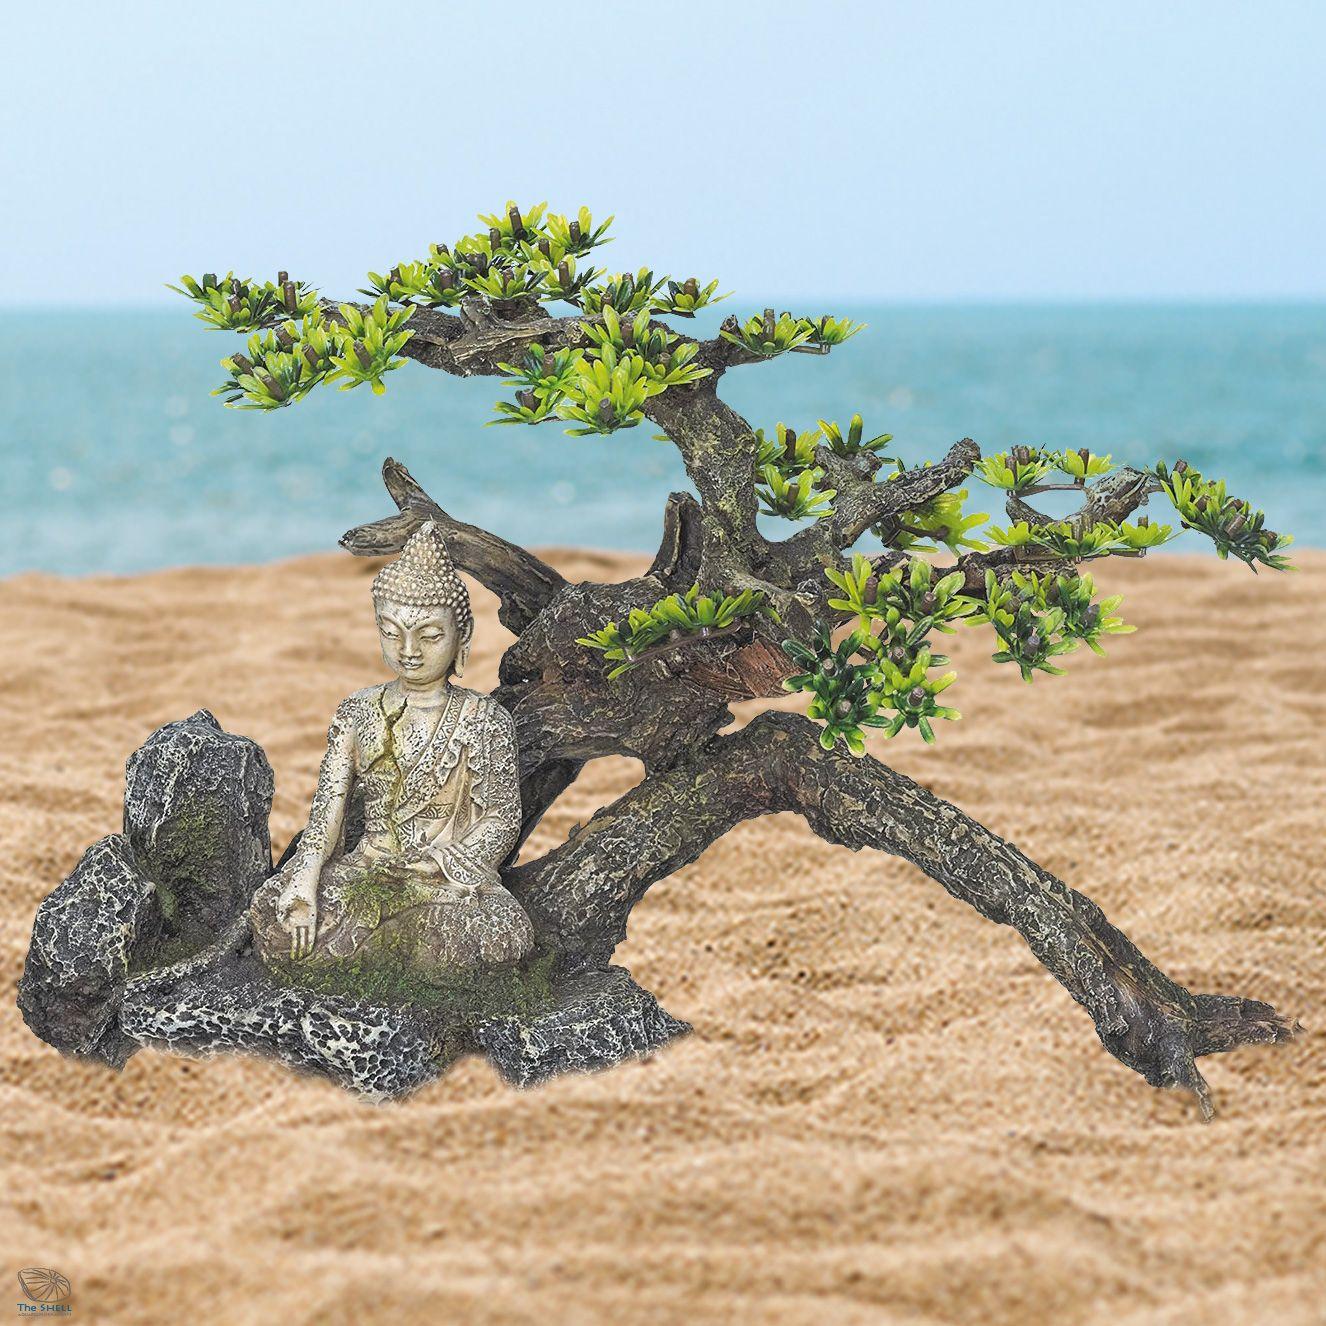 Dragon fish tank ornament - Buddha On A Tree Rock Root Plant Large Fish Tank Oriental Aquarium Ornaments